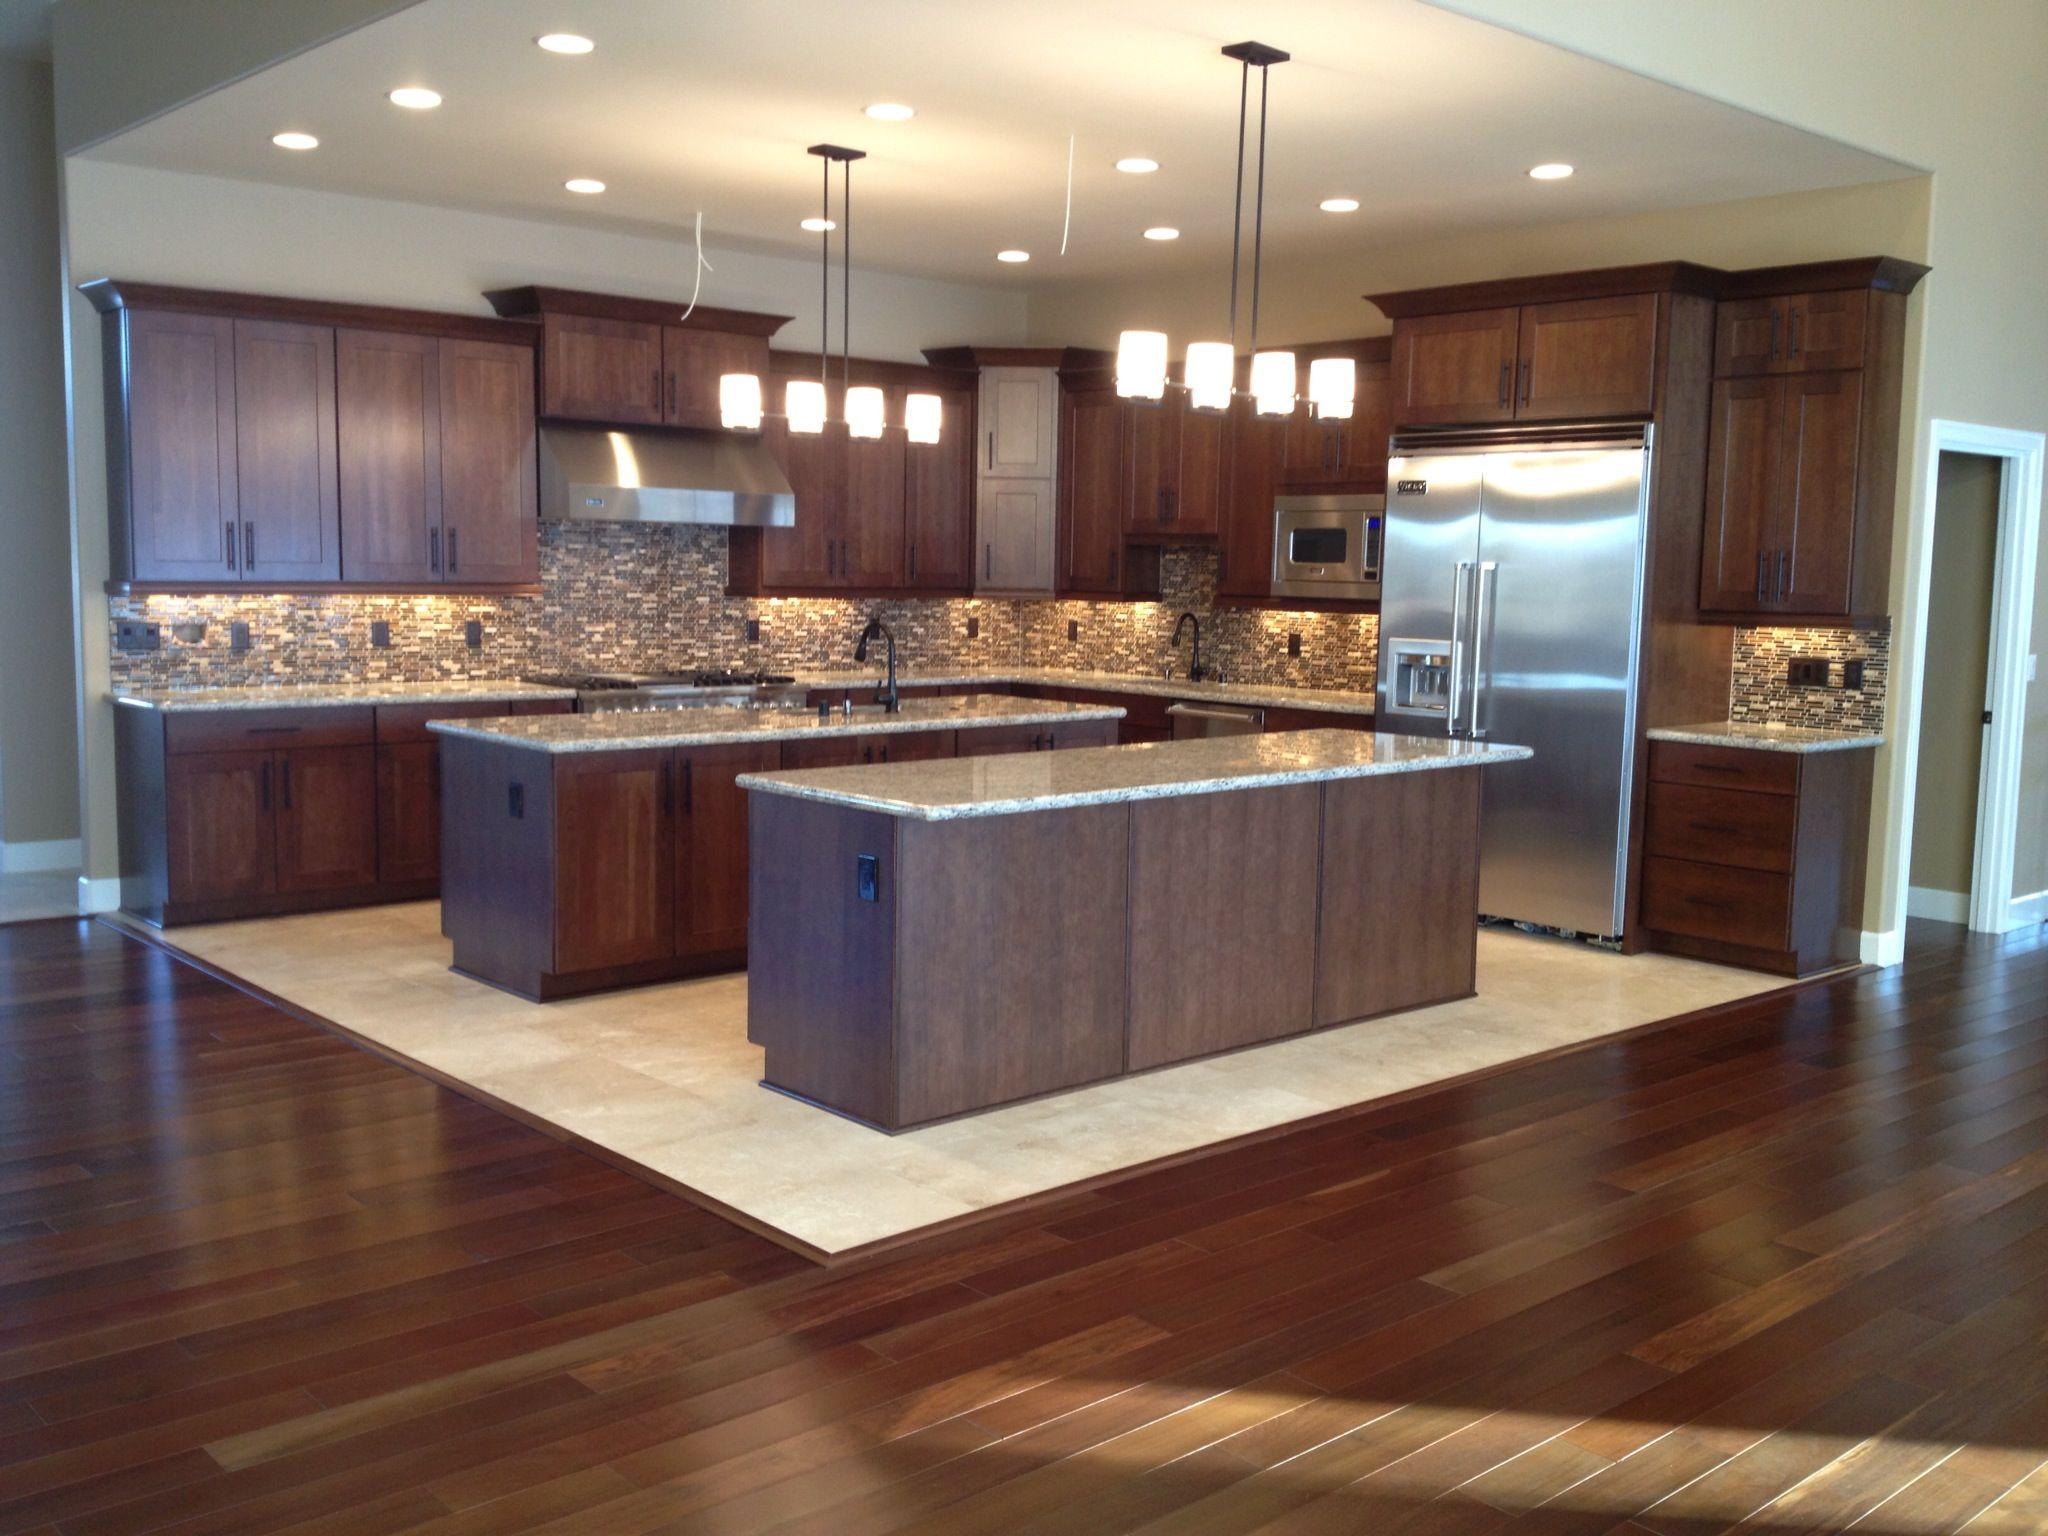 Kitchen Remodel In Alaska Parr Cabinet Design Center Kitchen Remodel Cabinet Design Kitchen